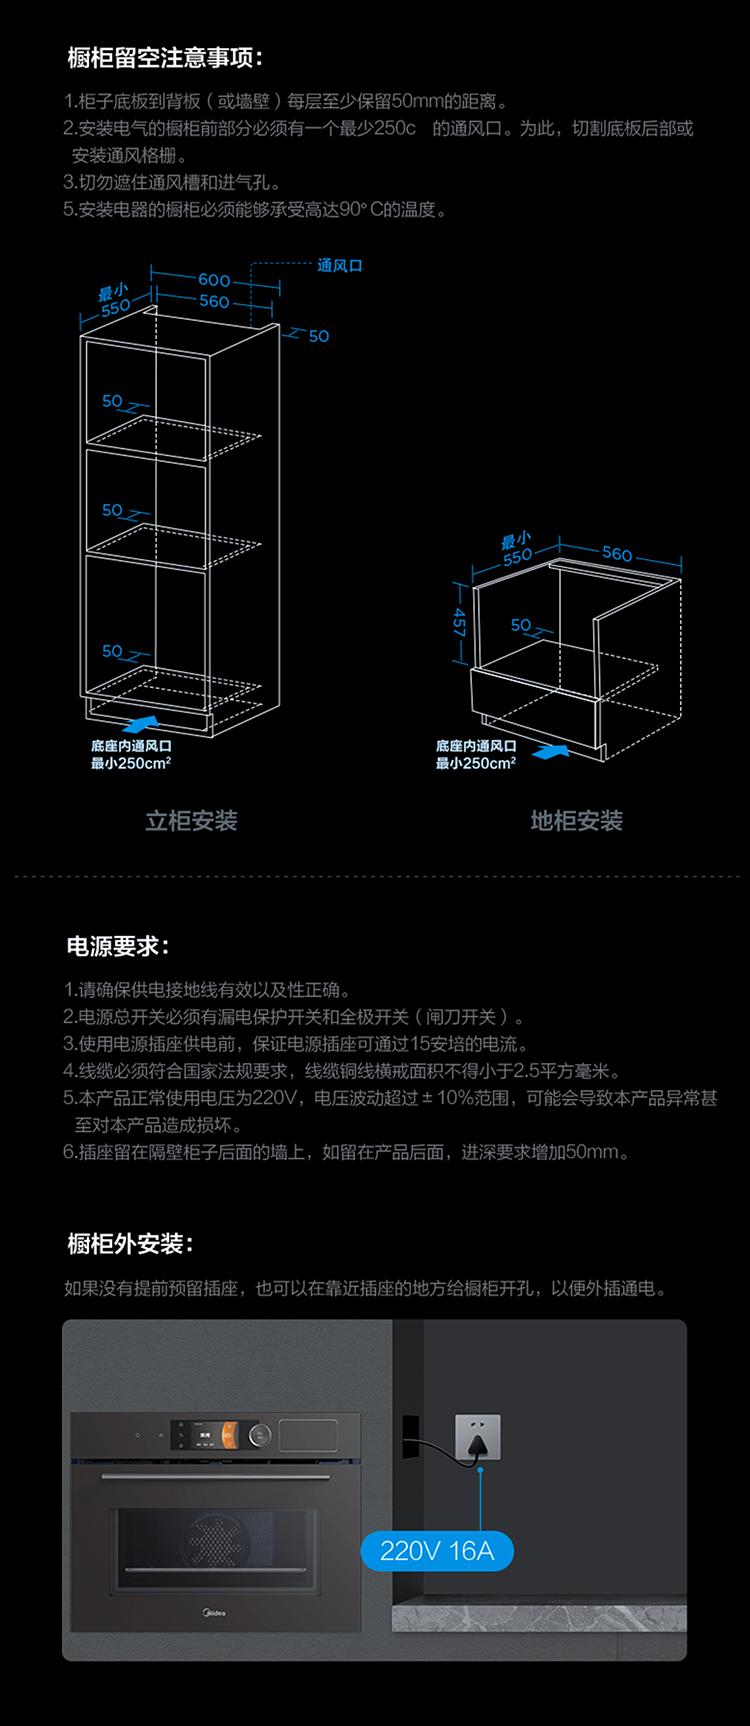 38310-美的(Midea)嵌入式微蒸烤3合1一体机 50L大容量彩屏操控微波炉蒸箱烤箱R5 APP掌控嵌入式搪瓷内胆BG5050W-详情图